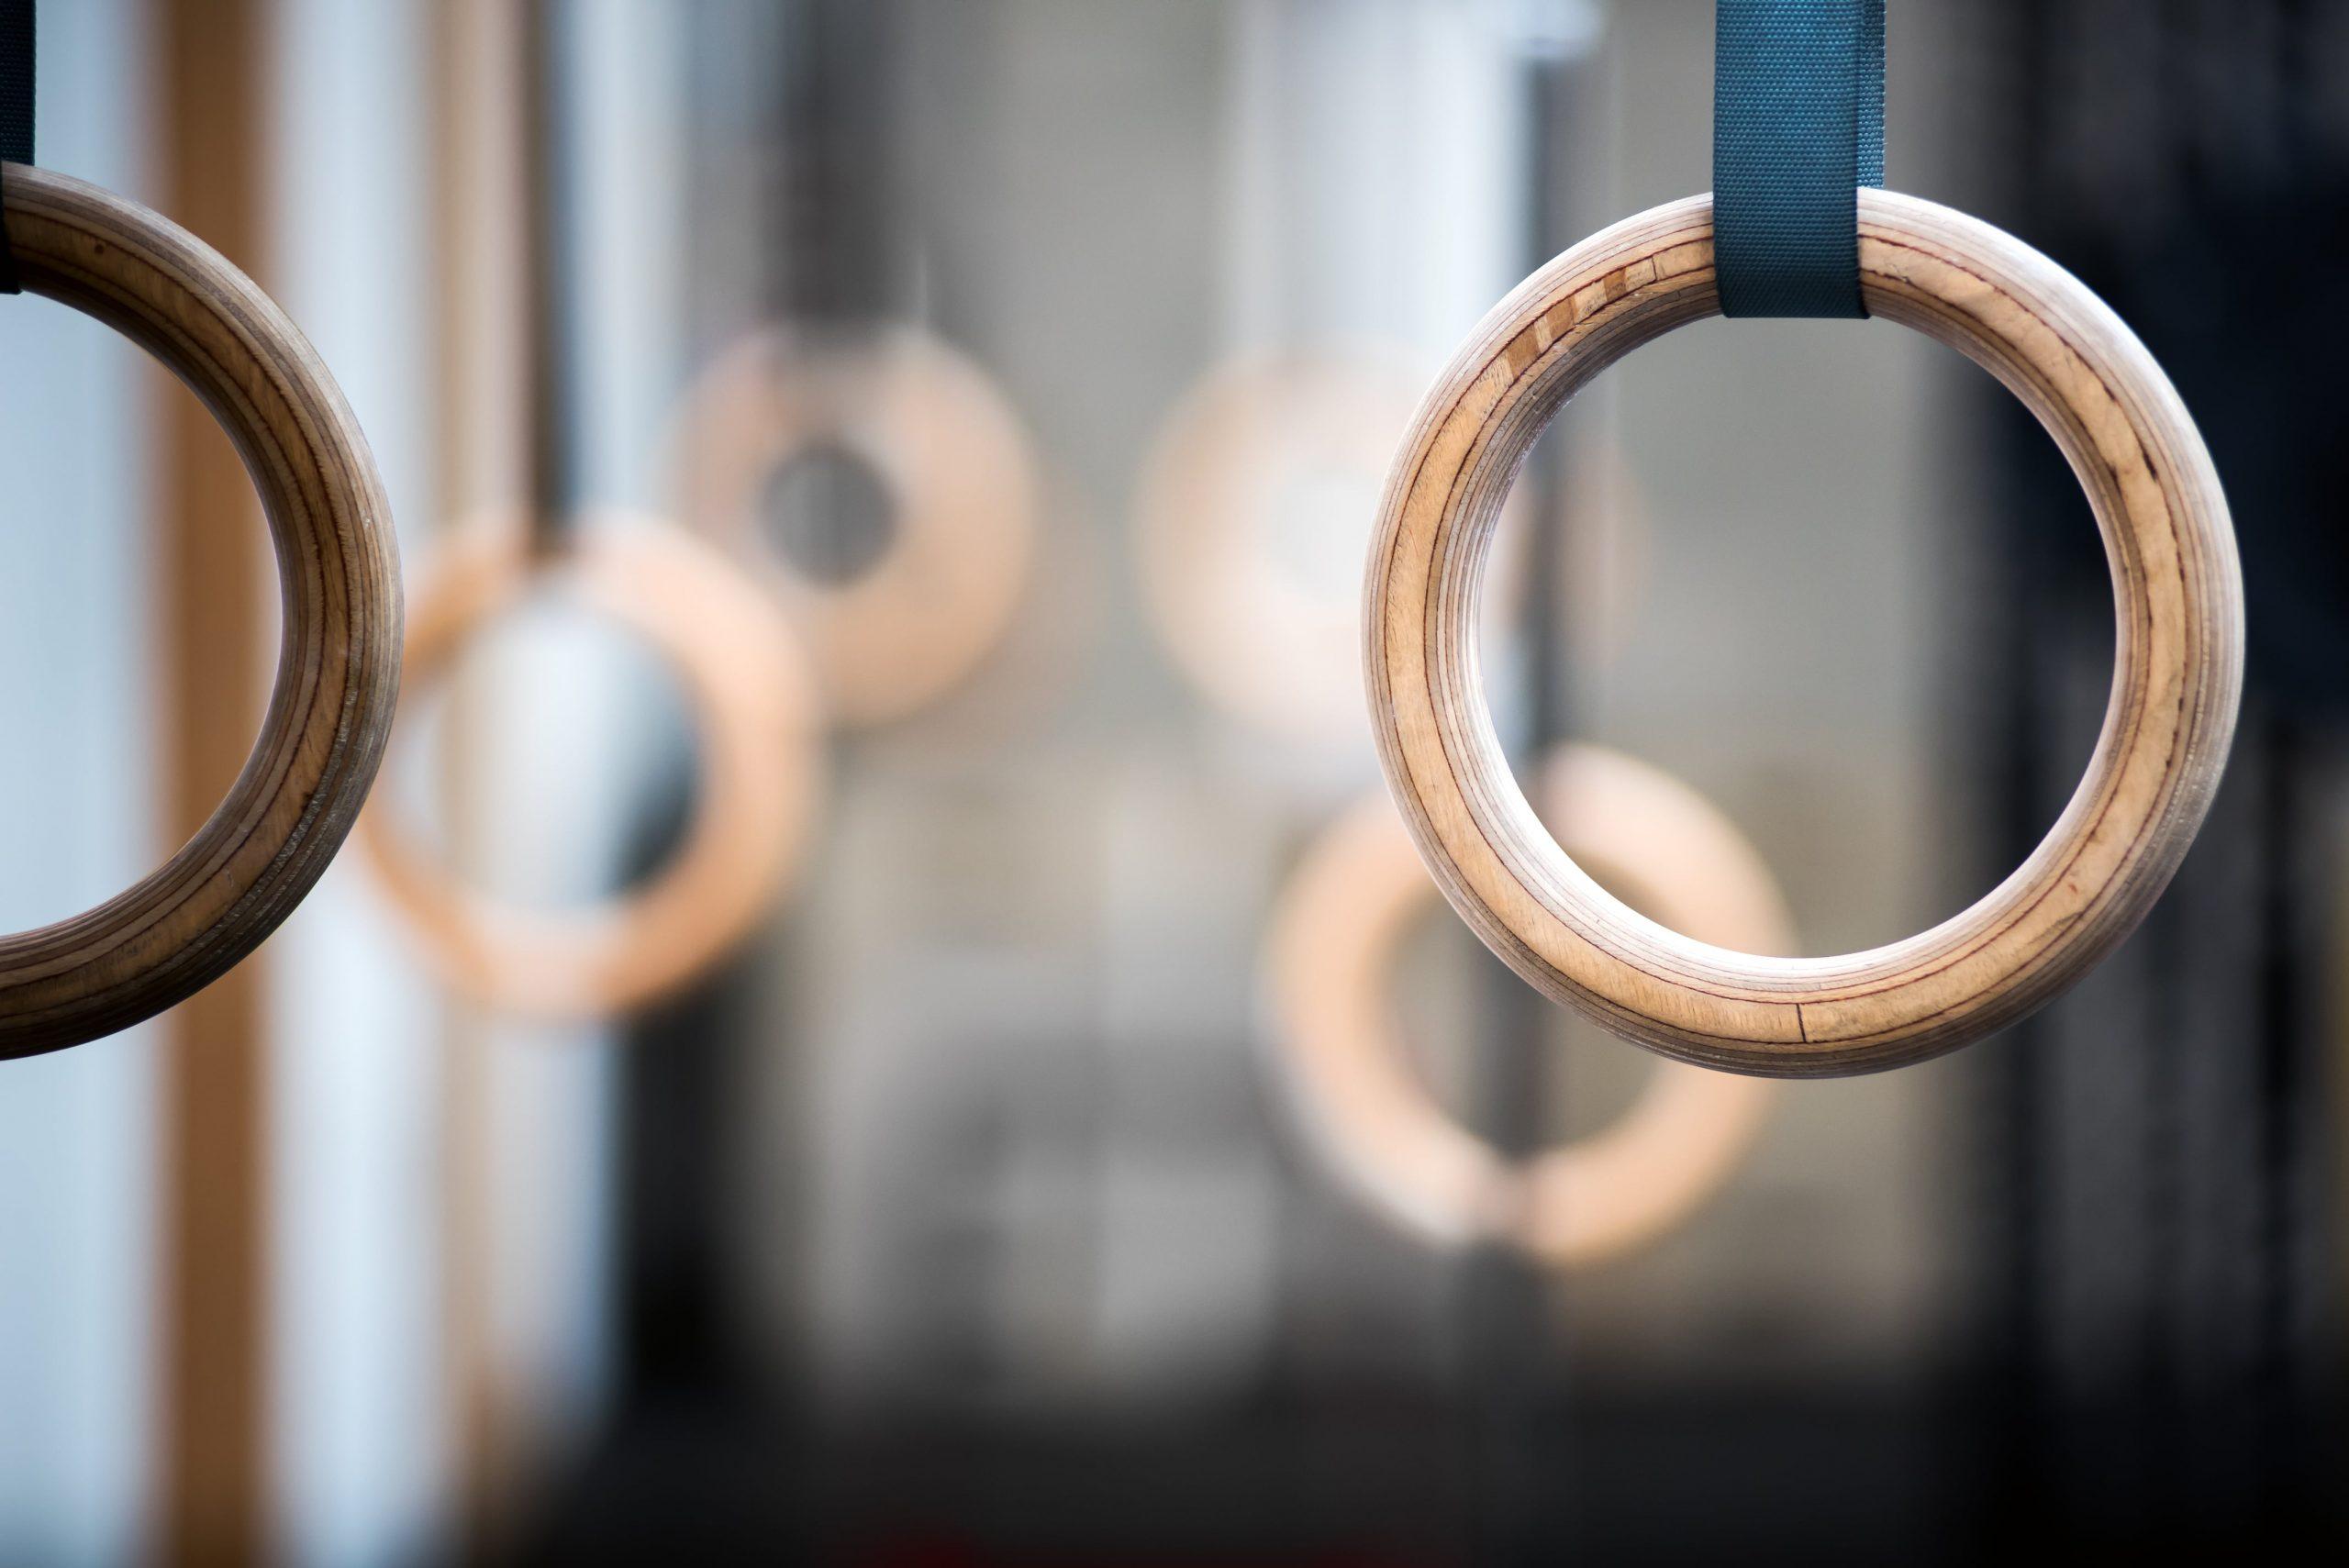 Quali anelli calisthenics scegliere?